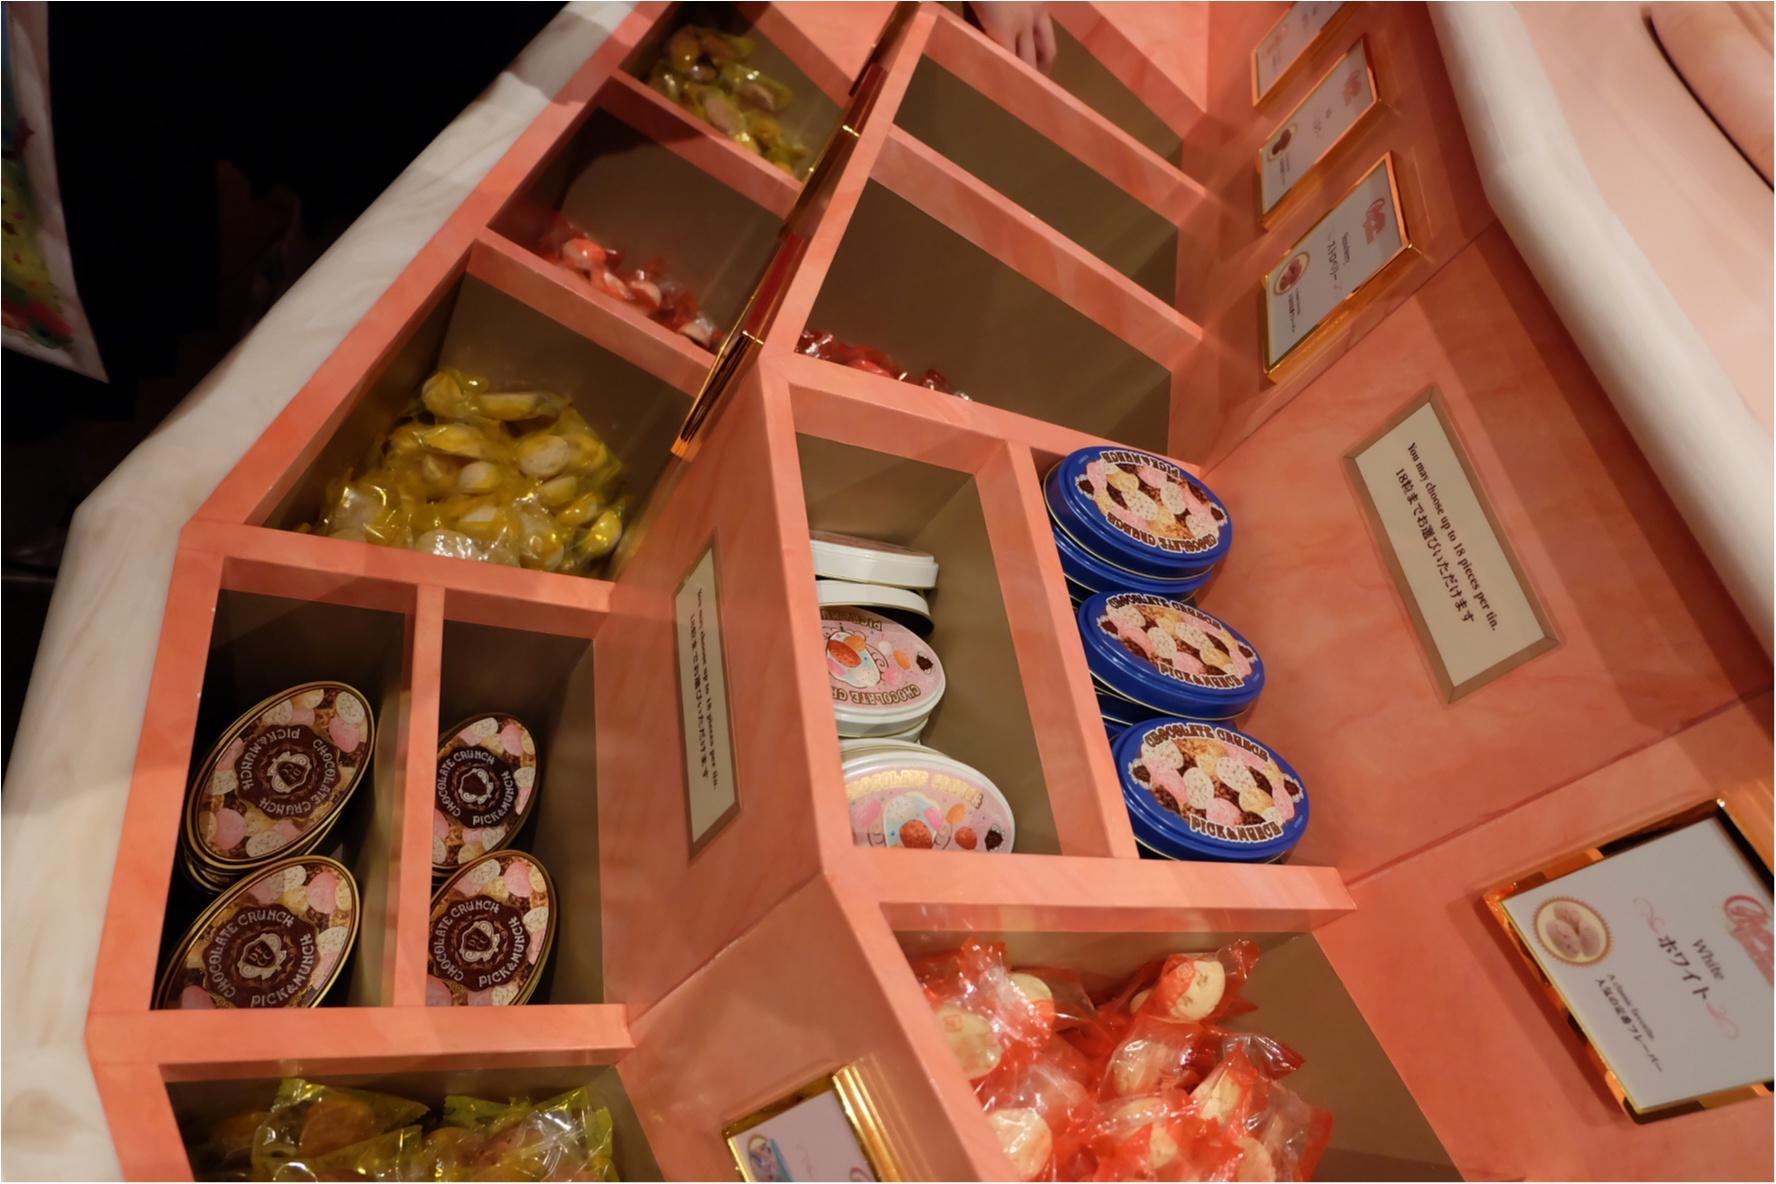 【東京ディズニーランド】お土産の定番《チョコレートクランチ》がオリジナルでつくれちゃうショップが期間限定open♡今年だけ!_4